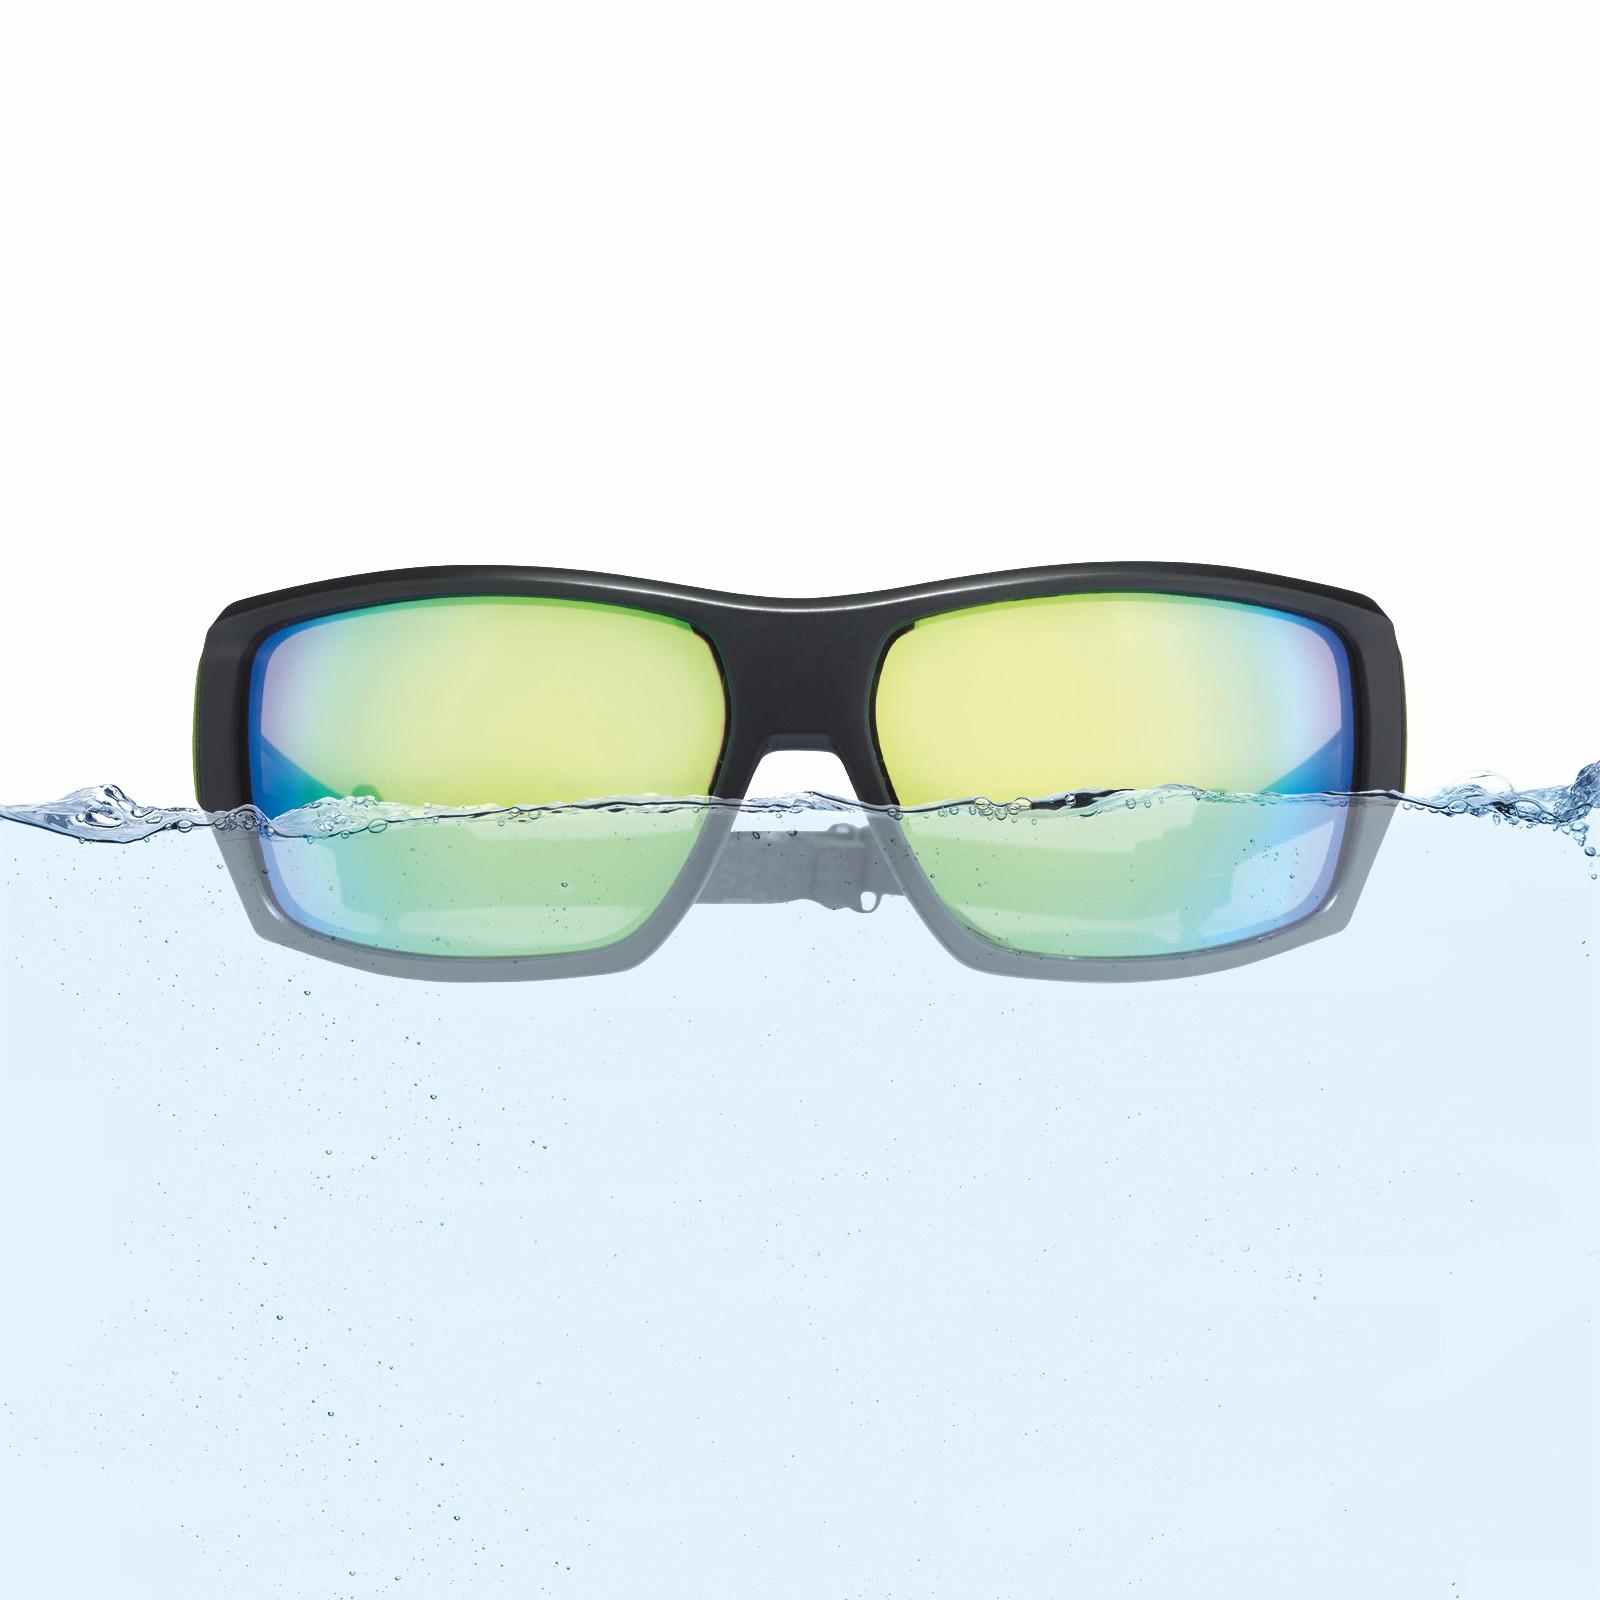 Occhiali da Sole Sea-Doo galleggianti